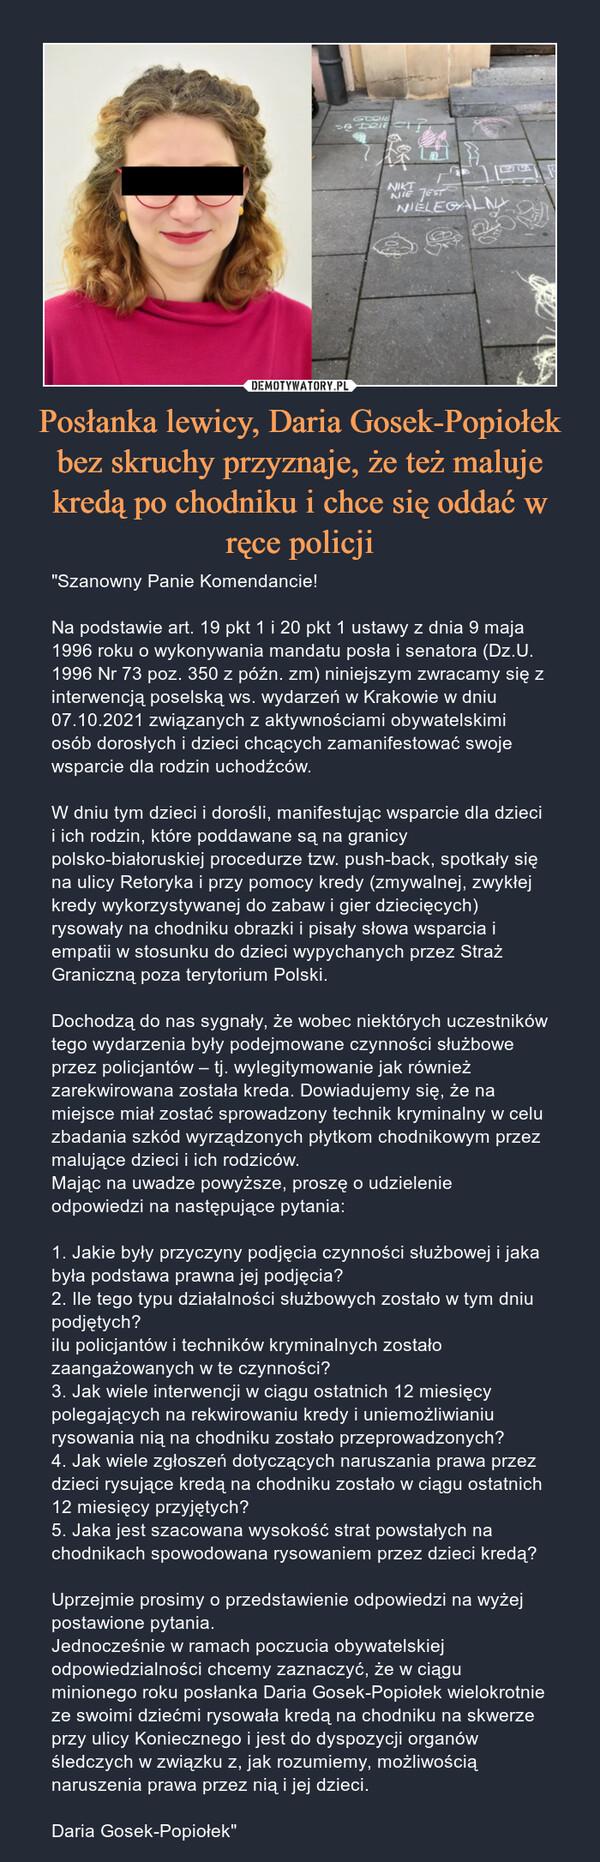 """Posłanka lewicy, Daria Gosek-Popiołek bez skruchy przyznaje, że też maluje kredą po chodniku i chce się oddać w ręce policji – """"Szanowny Panie Komendancie!Na podstawie art. 19 pkt 1 i 20 pkt 1 ustawy z dnia 9 maja 1996 roku o wykonywania mandatu posła i senatora (Dz.U. 1996 Nr 73 poz. 350 z późn. zm) niniejszym zwracamy się z interwencją poselską ws. wydarzeń w Krakowie w dniu 07.10.2021 związanych z aktywnościami obywatelskimi osób dorosłych i dzieci chcących zamanifestować swoje wsparcie dla rodzin uchodźców.W dniu tym dzieci i dorośli, manifestując wsparcie dla dzieci i ich rodzin, które poddawane są na granicy polsko-białoruskiej procedurze tzw. push-back, spotkały się na ulicy Retoryka i przy pomocy kredy (zmywalnej, zwykłej kredy wykorzystywanej do zabaw i gier dziecięcych) rysowały na chodniku obrazki i pisały słowa wsparcia i empatii w stosunku do dzieci wypychanych przez Straż Graniczną poza terytorium Polski.Dochodzą do nas sygnały, że wobec niektórych uczestników tego wydarzenia były podejmowane czynności służbowe przez policjantów – tj. wylegitymowanie jak również zarekwirowana została kreda. Dowiadujemy się, że na miejsce miał zostać sprowadzony technik kryminalny w celu zbadania szkód wyrządzonych płytkom chodnikowym przez malujące dzieci i ich rodziców.Mając na uwadze powyższe, proszę o udzielenie odpowiedzi na następujące pytania:1. Jakie były przyczyny podjęcia czynności służbowej i jaka była podstawa prawna jej podjęcia?2. Ile tego typu działalności służbowych zostało w tym dniu podjętych?ilu policjantów i techników kryminalnych zostało zaangażowanych w te czynności?3. Jak wiele interwencji w ciągu ostatnich 12 miesięcy polegających na rekwirowaniu kredy i uniemożliwianiu rysowania nią na chodniku zostało przeprowadzonych?4. Jak wiele zgłoszeń dotyczących naruszania prawa przez dzieci rysujące kredą na chodniku zostało w ciągu ostatnich 12 miesięcy przyjętych?5. Jaka jest szacowana wysokość strat powstałych na chodnikach spowodowana rysowaniem prze"""